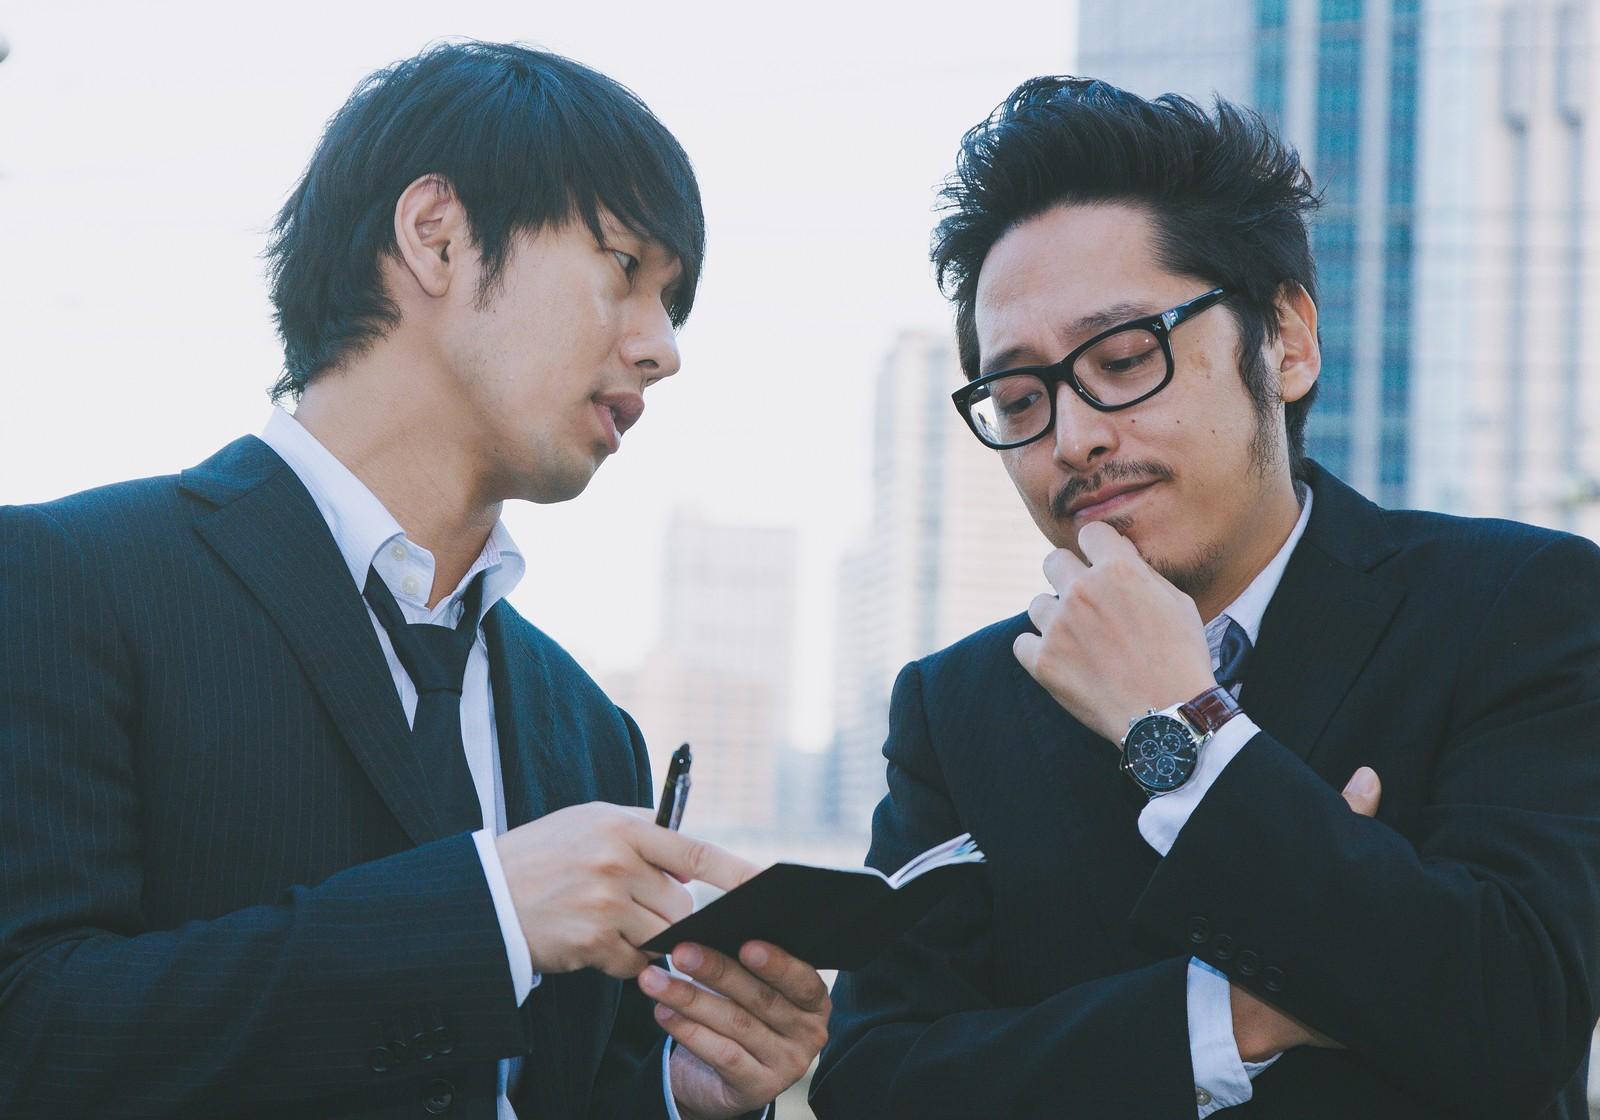 職場で信頼関係を築くためにはどうしたらいいの?